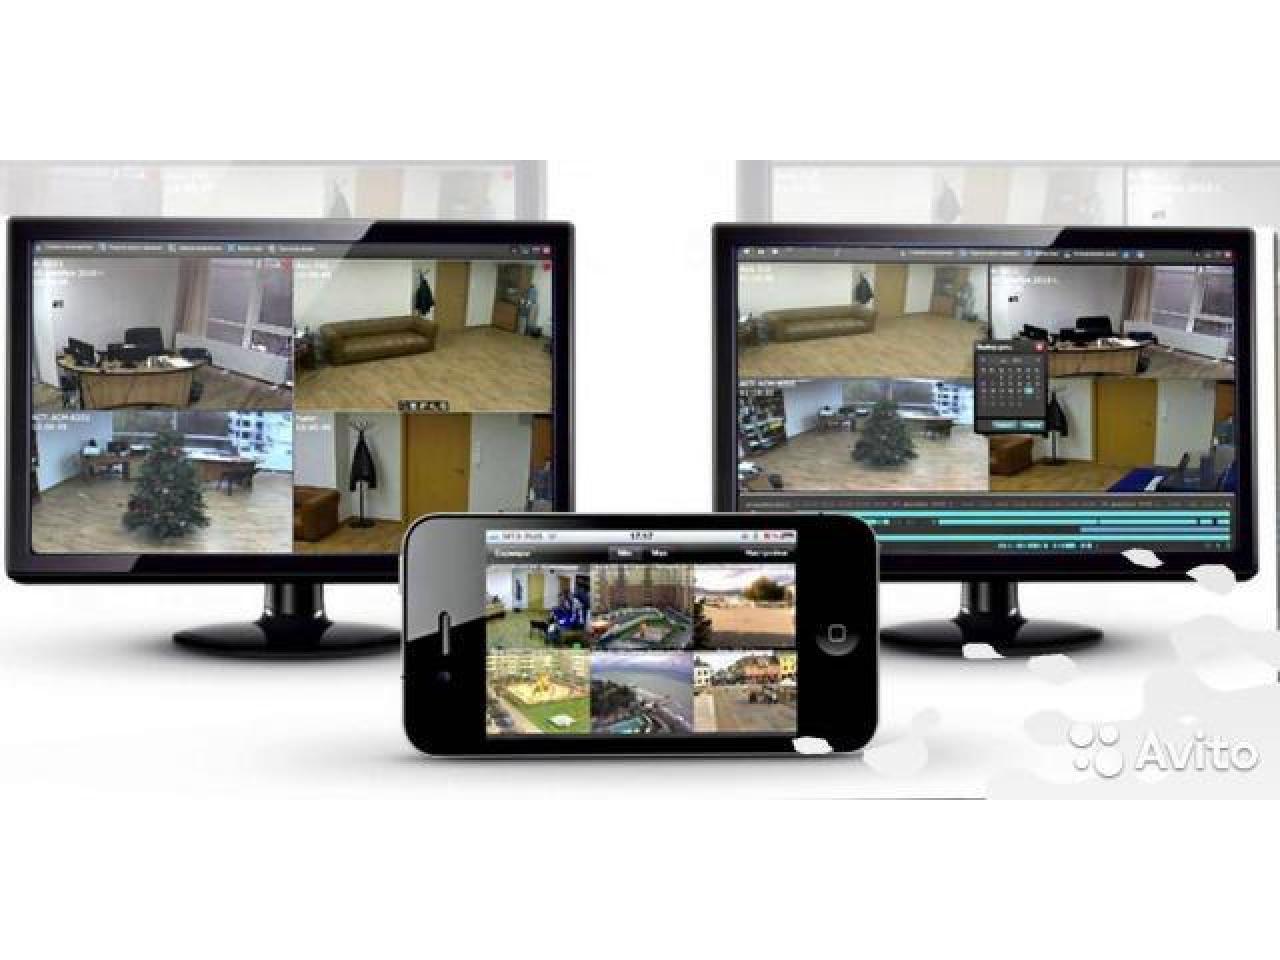 Установка скрытого видеонаблюдения на компьютер, ноутбук, гаджет. - 1